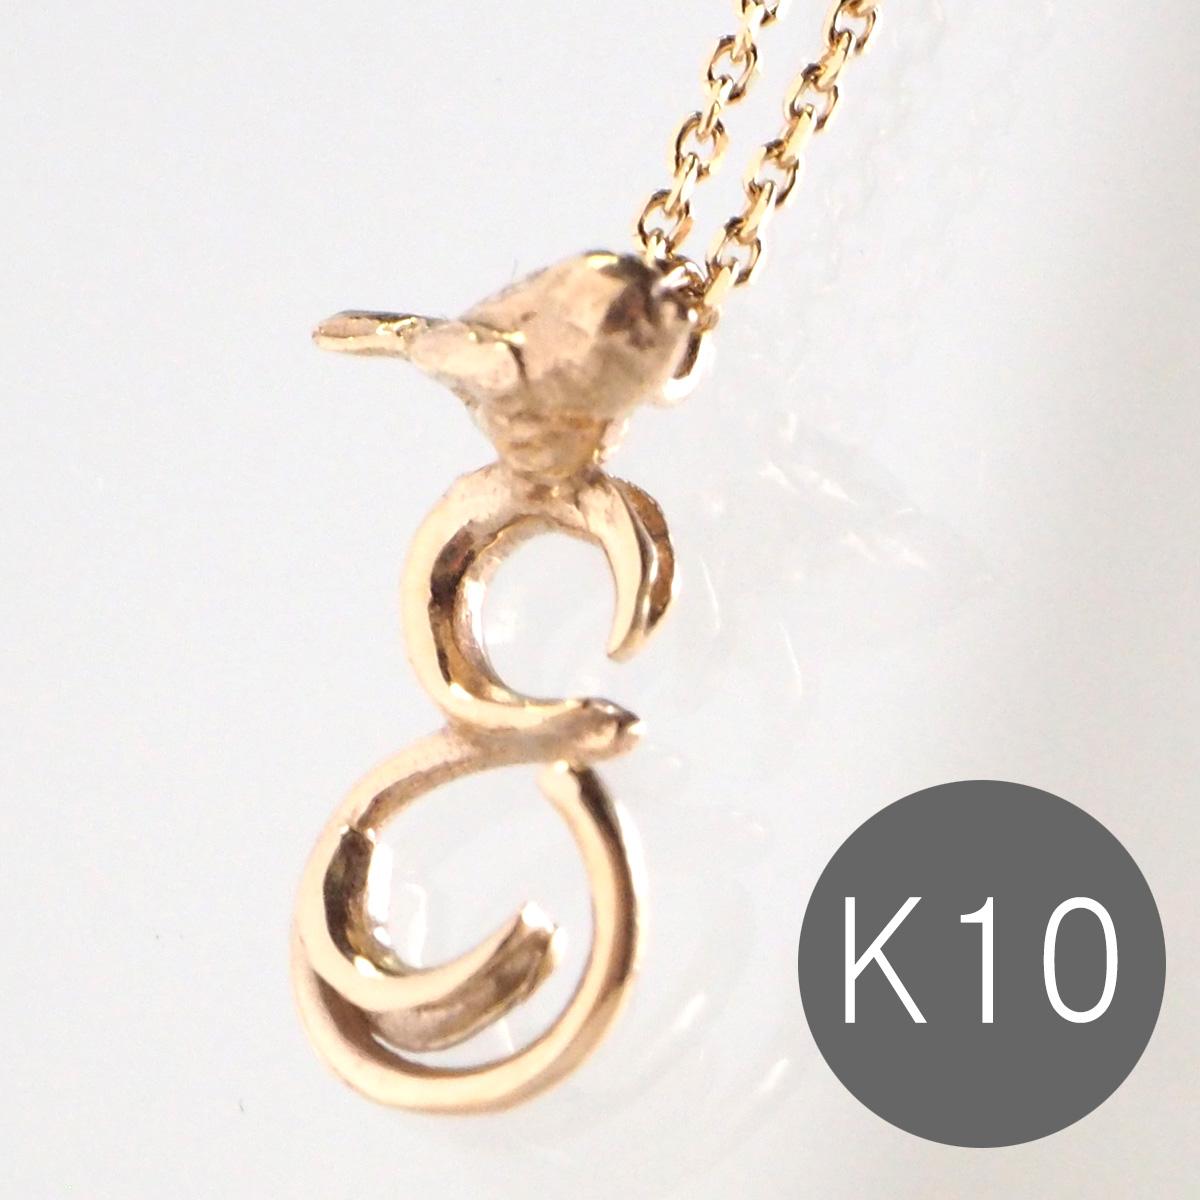 """DECOvienya(デコヴィーニャ) 手作りアクセサリー 10Kゴールド イニシャルネックレス """"E"""" エナガ 仲間を大切にする心 [DE-10K-E]"""